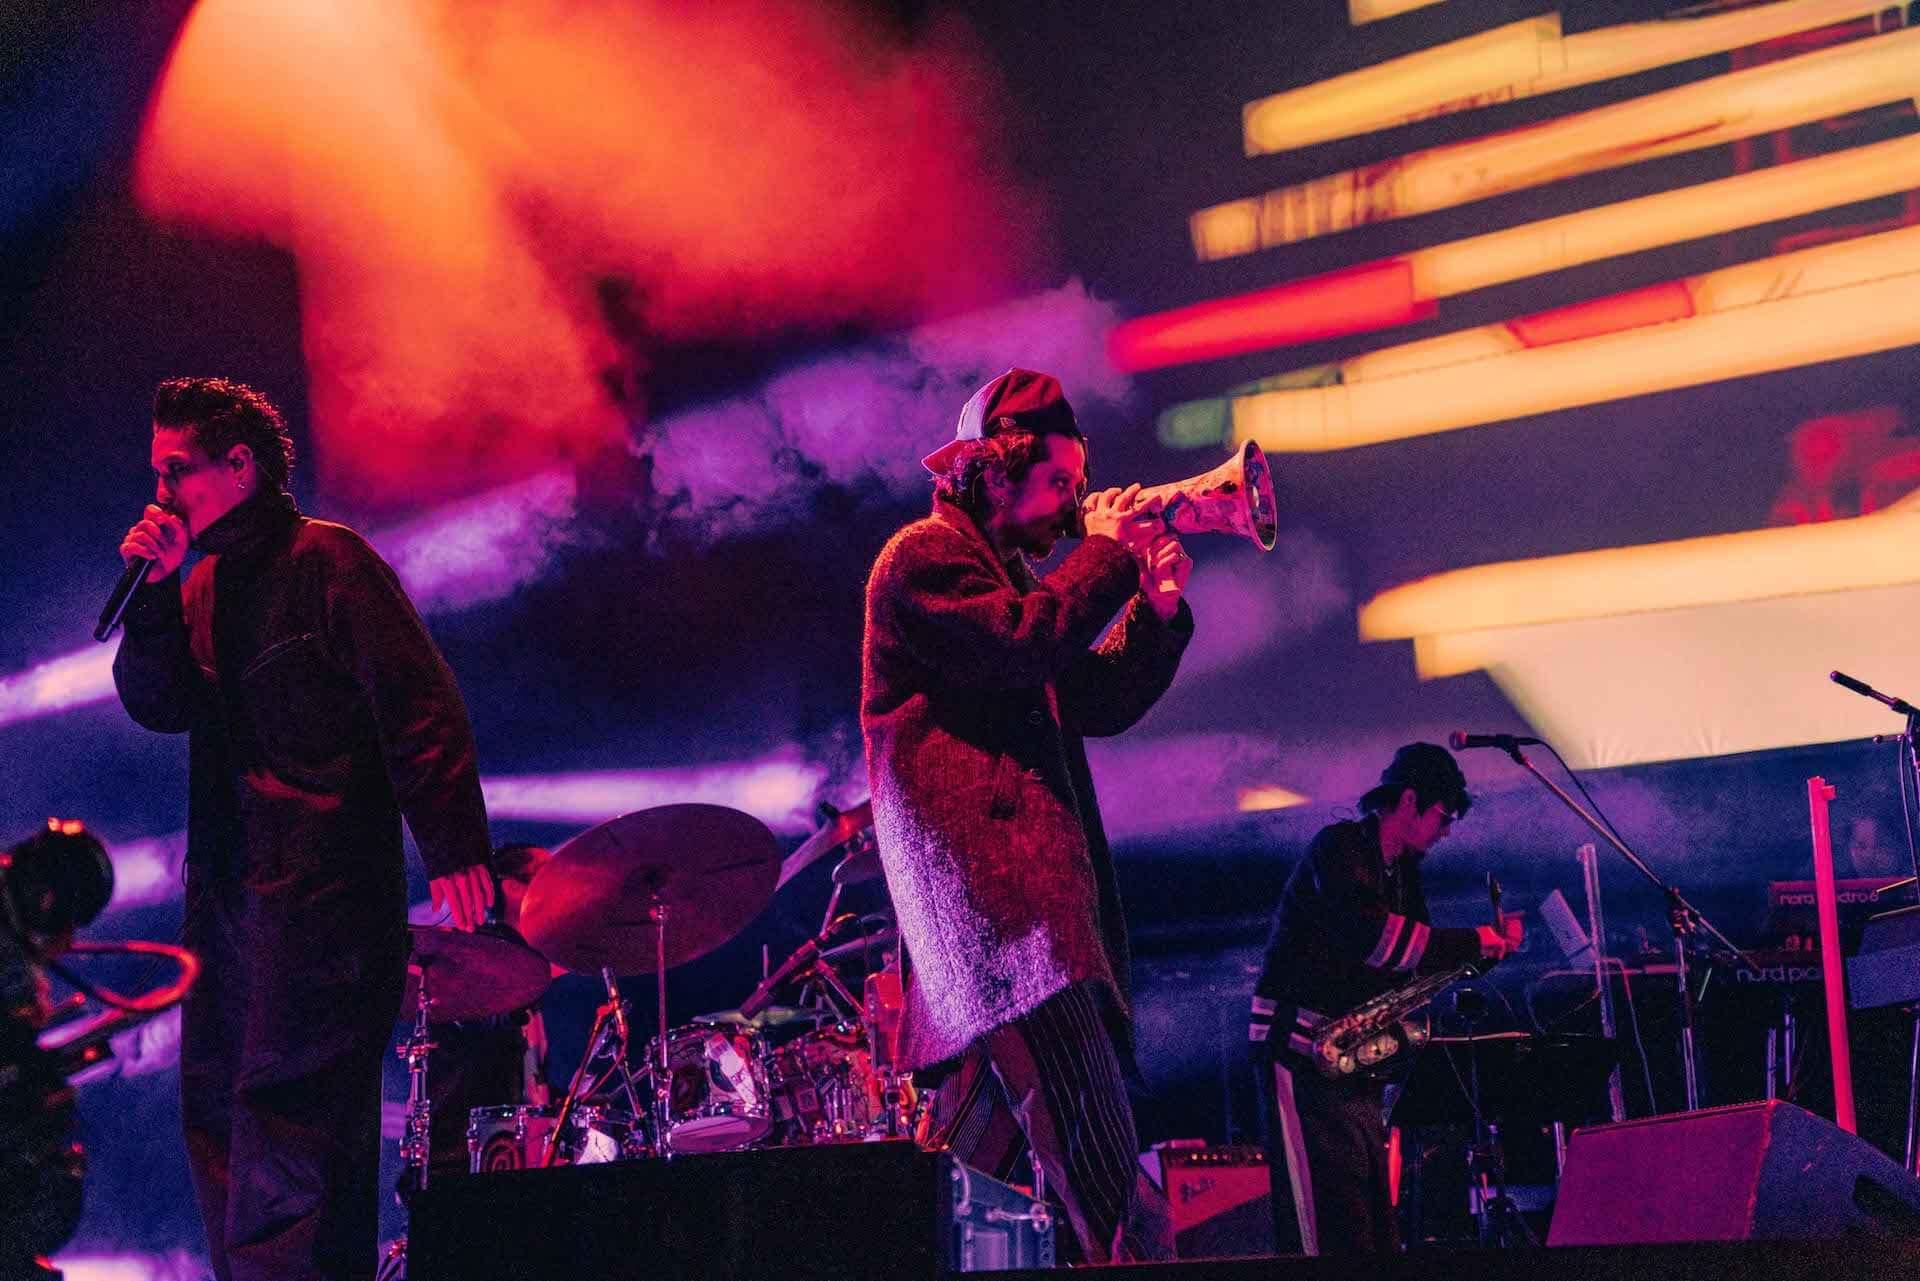 常田大希率いるmillennium paradeが今年最初で最後のワンマンライブを披露!ライブレポート&1stアルバムトラックリストが公開 music201224_millenniumparade_15-1920x1281